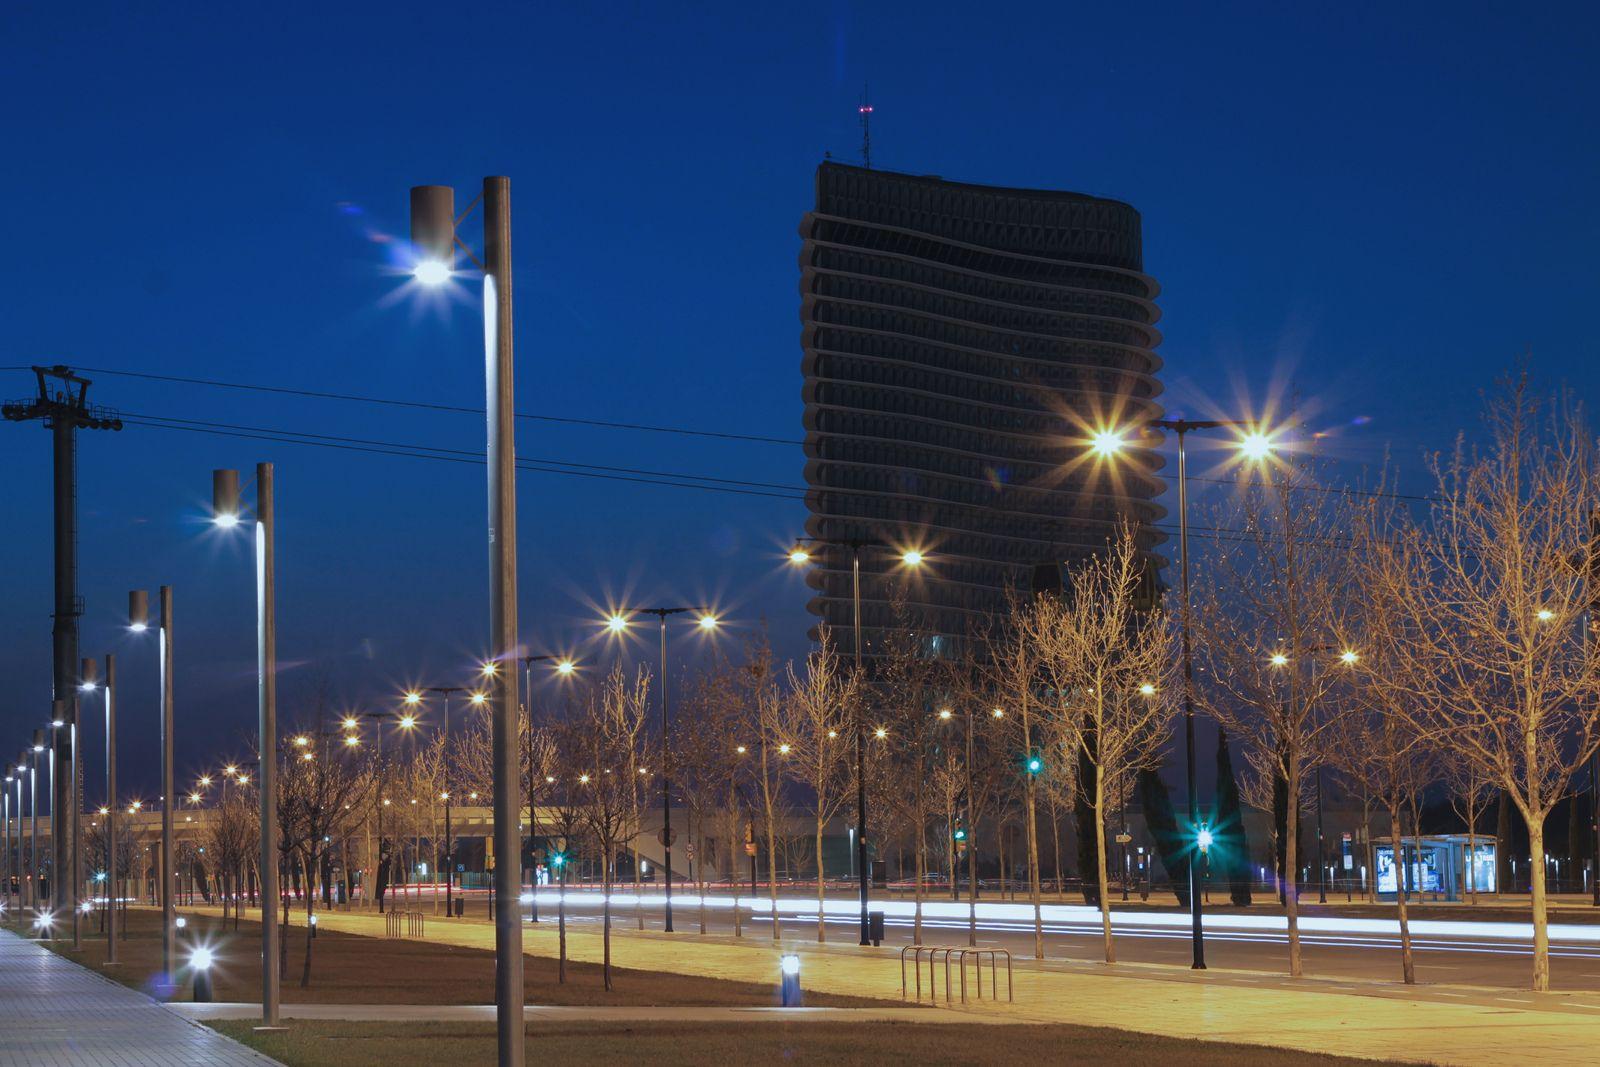 Luces bajo la Torre del Agua. #Zaragoza #Urbana #LongExposure #TorreDelAgua #Expo2008 #ExpoZaragoza2008